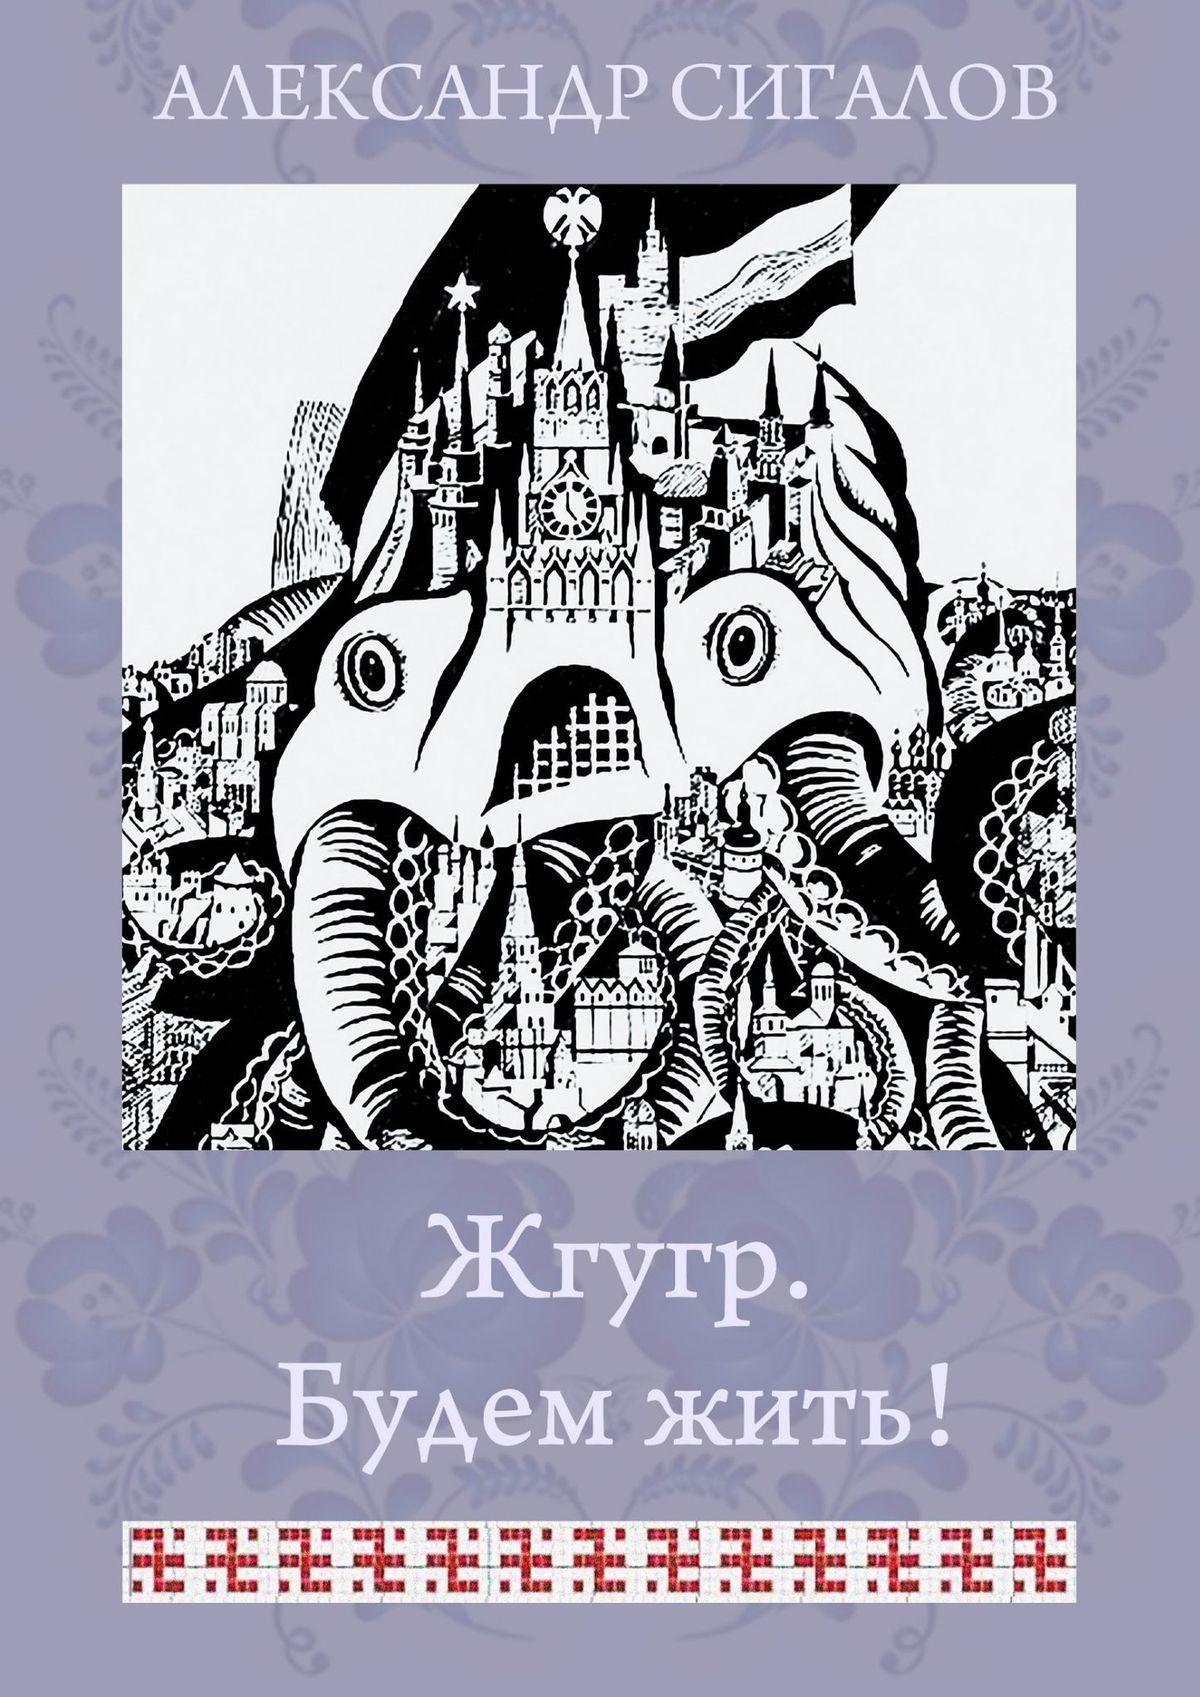 Александр Сигалов - Жгугр. Будемжить! Сказка для взрослых